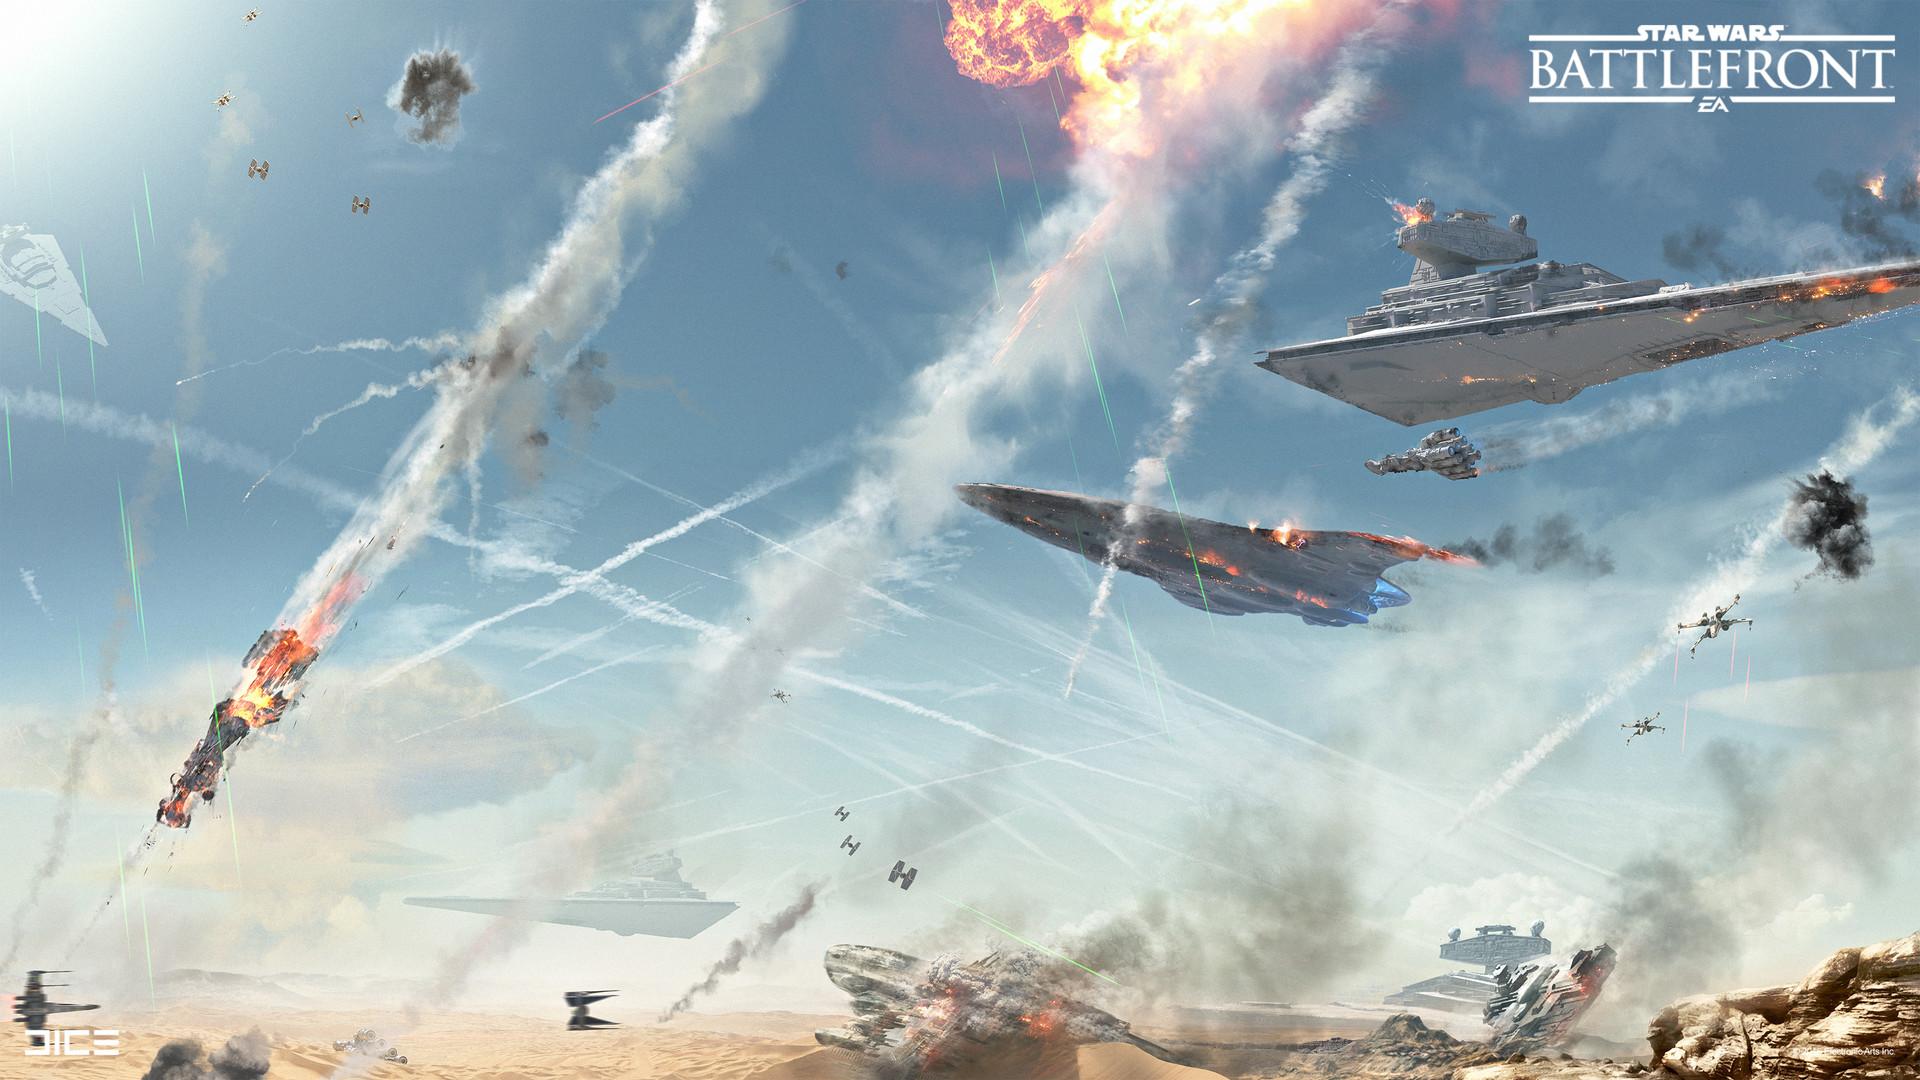 Koncepty z vývoje Star Wars: Battlefrontu ukazují některé nezrealizované prvky 140335